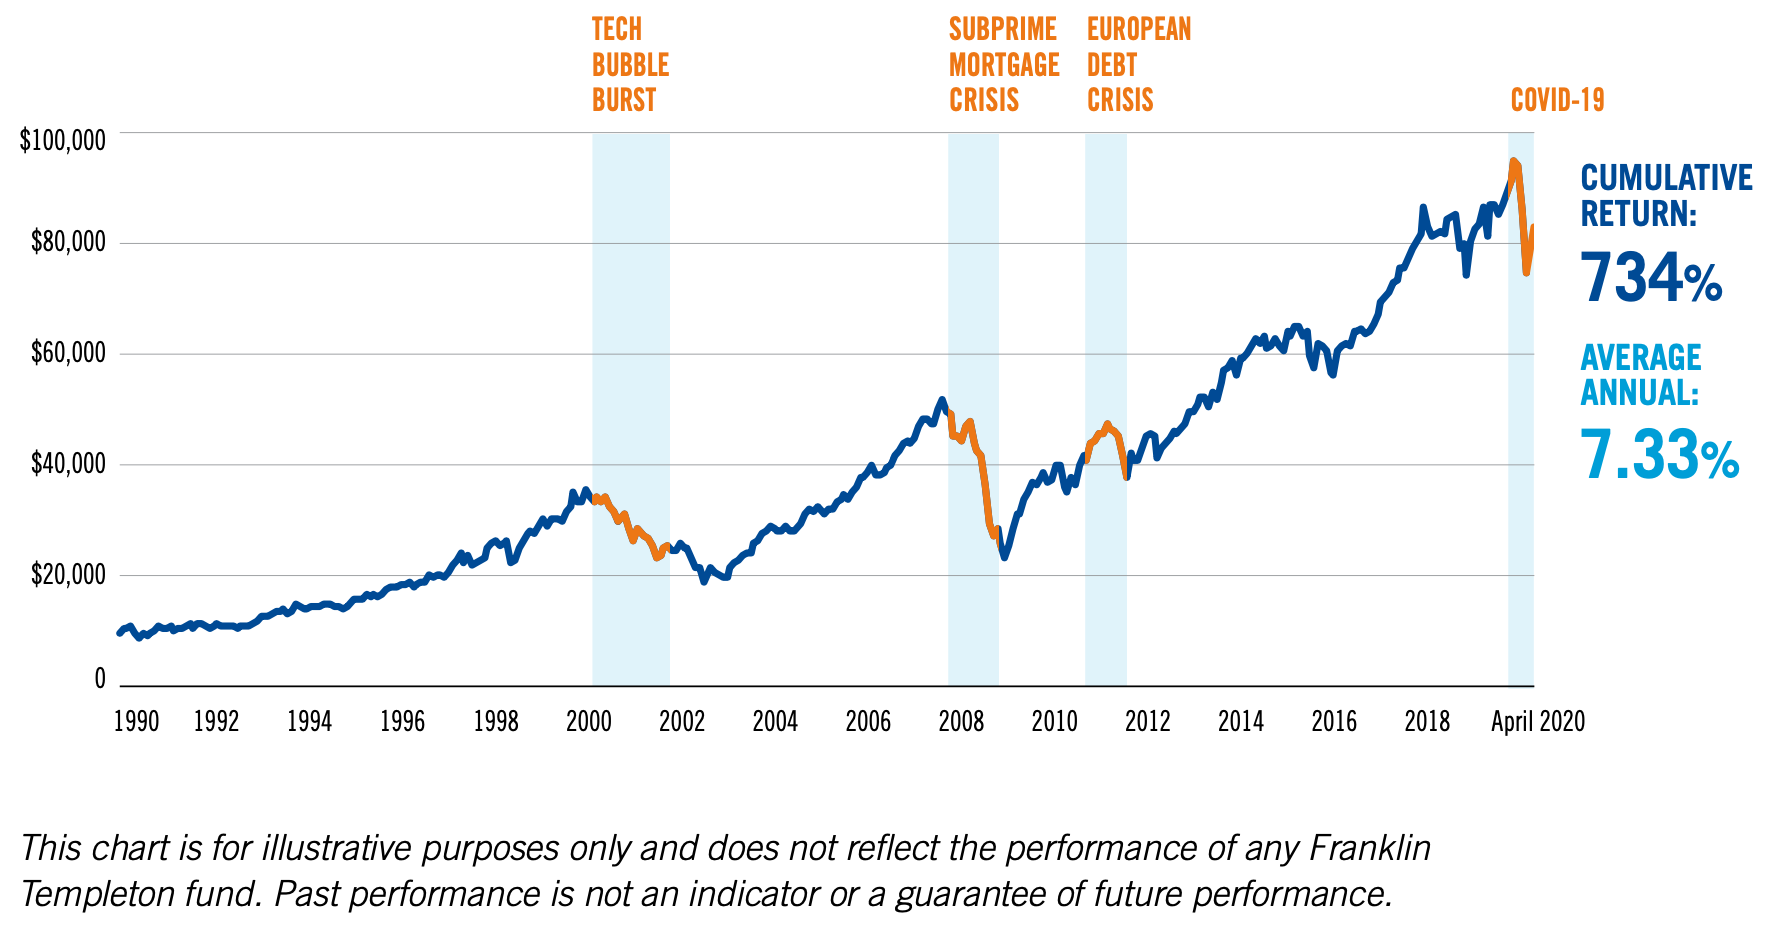 3 กลยุทธ์จาก Franklin Templeton ที่จะช่วยปกป้องพอร์ตการลงทุนของคุณจากภาวะตลาดผันผวน